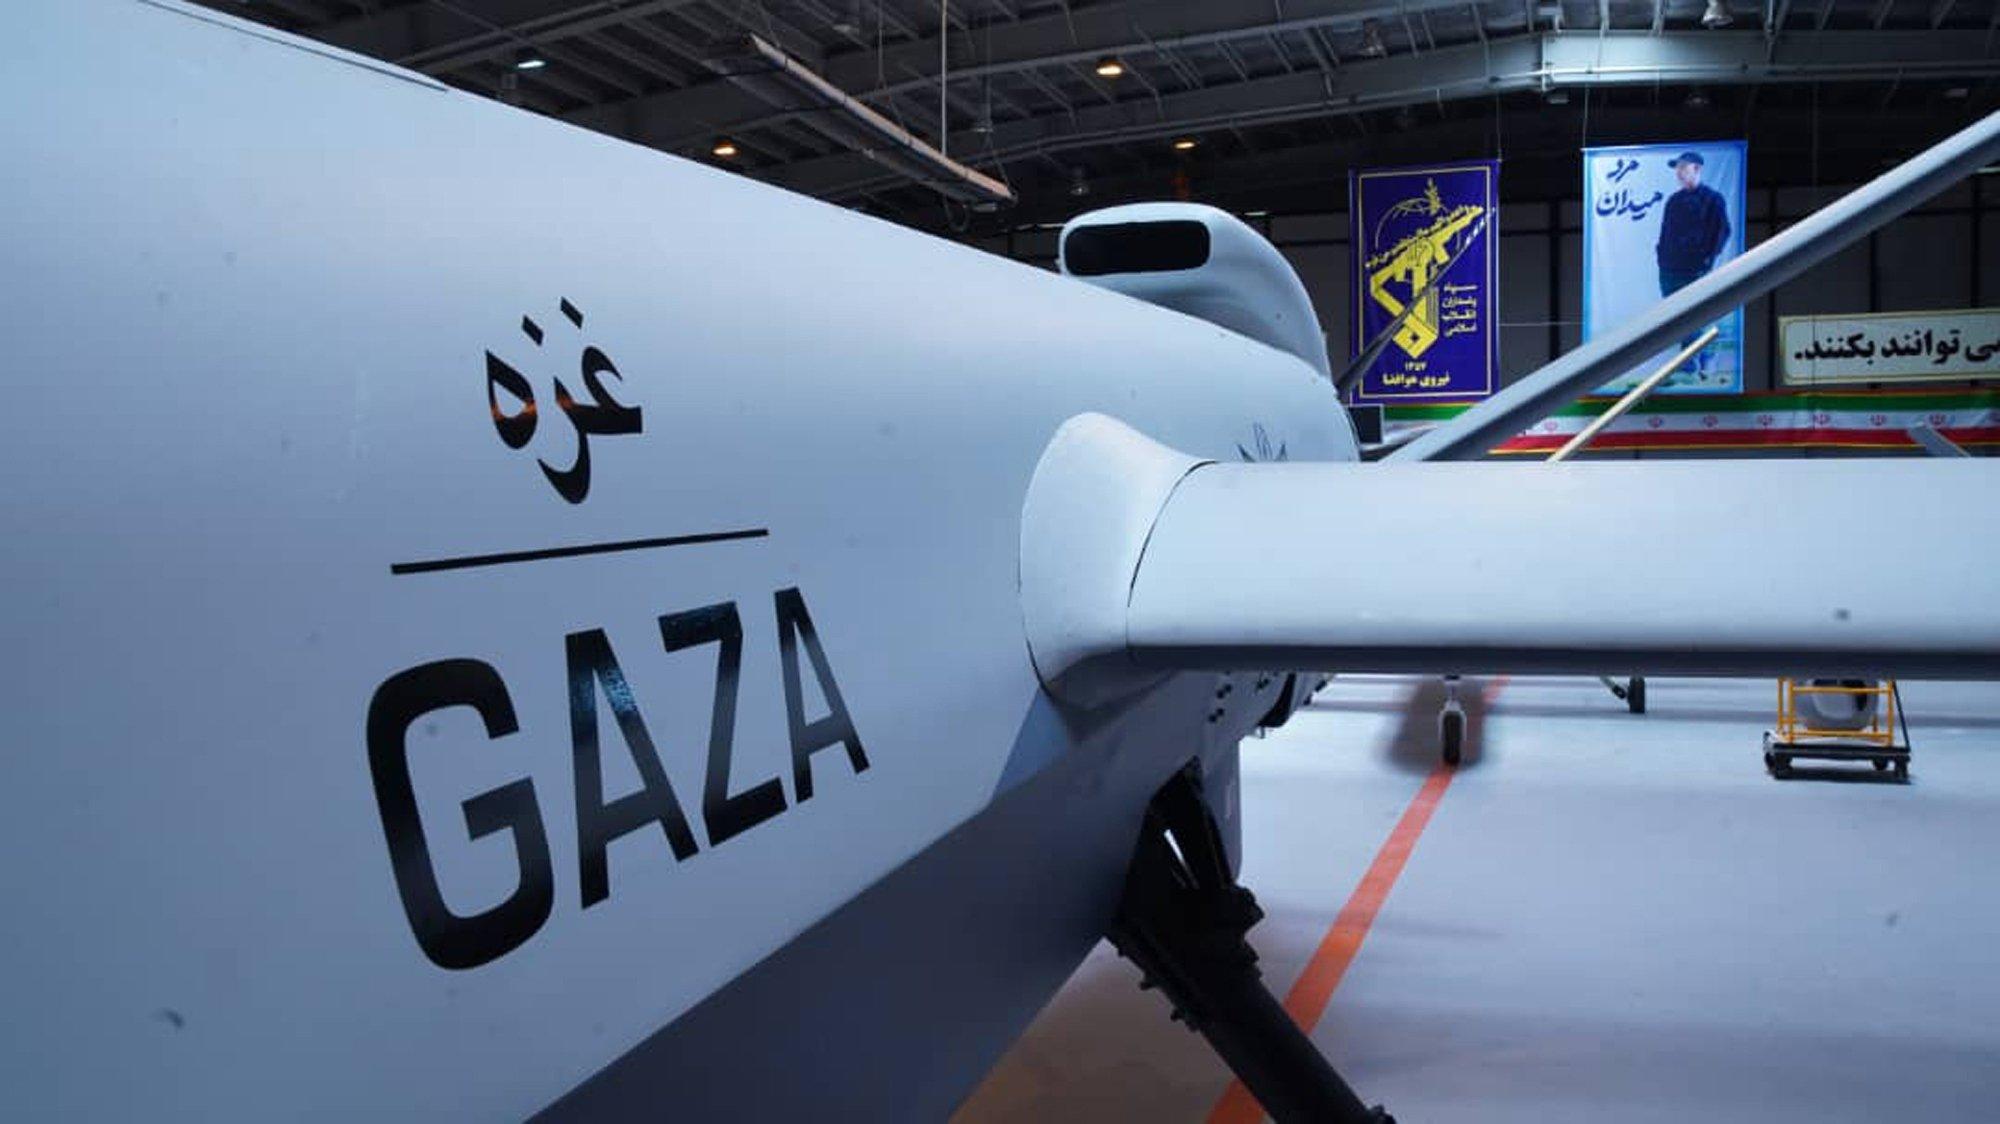 伊朗革命衛隊聲稱擁有可飛行 7 千公里之新型無人機 你相信嗎?